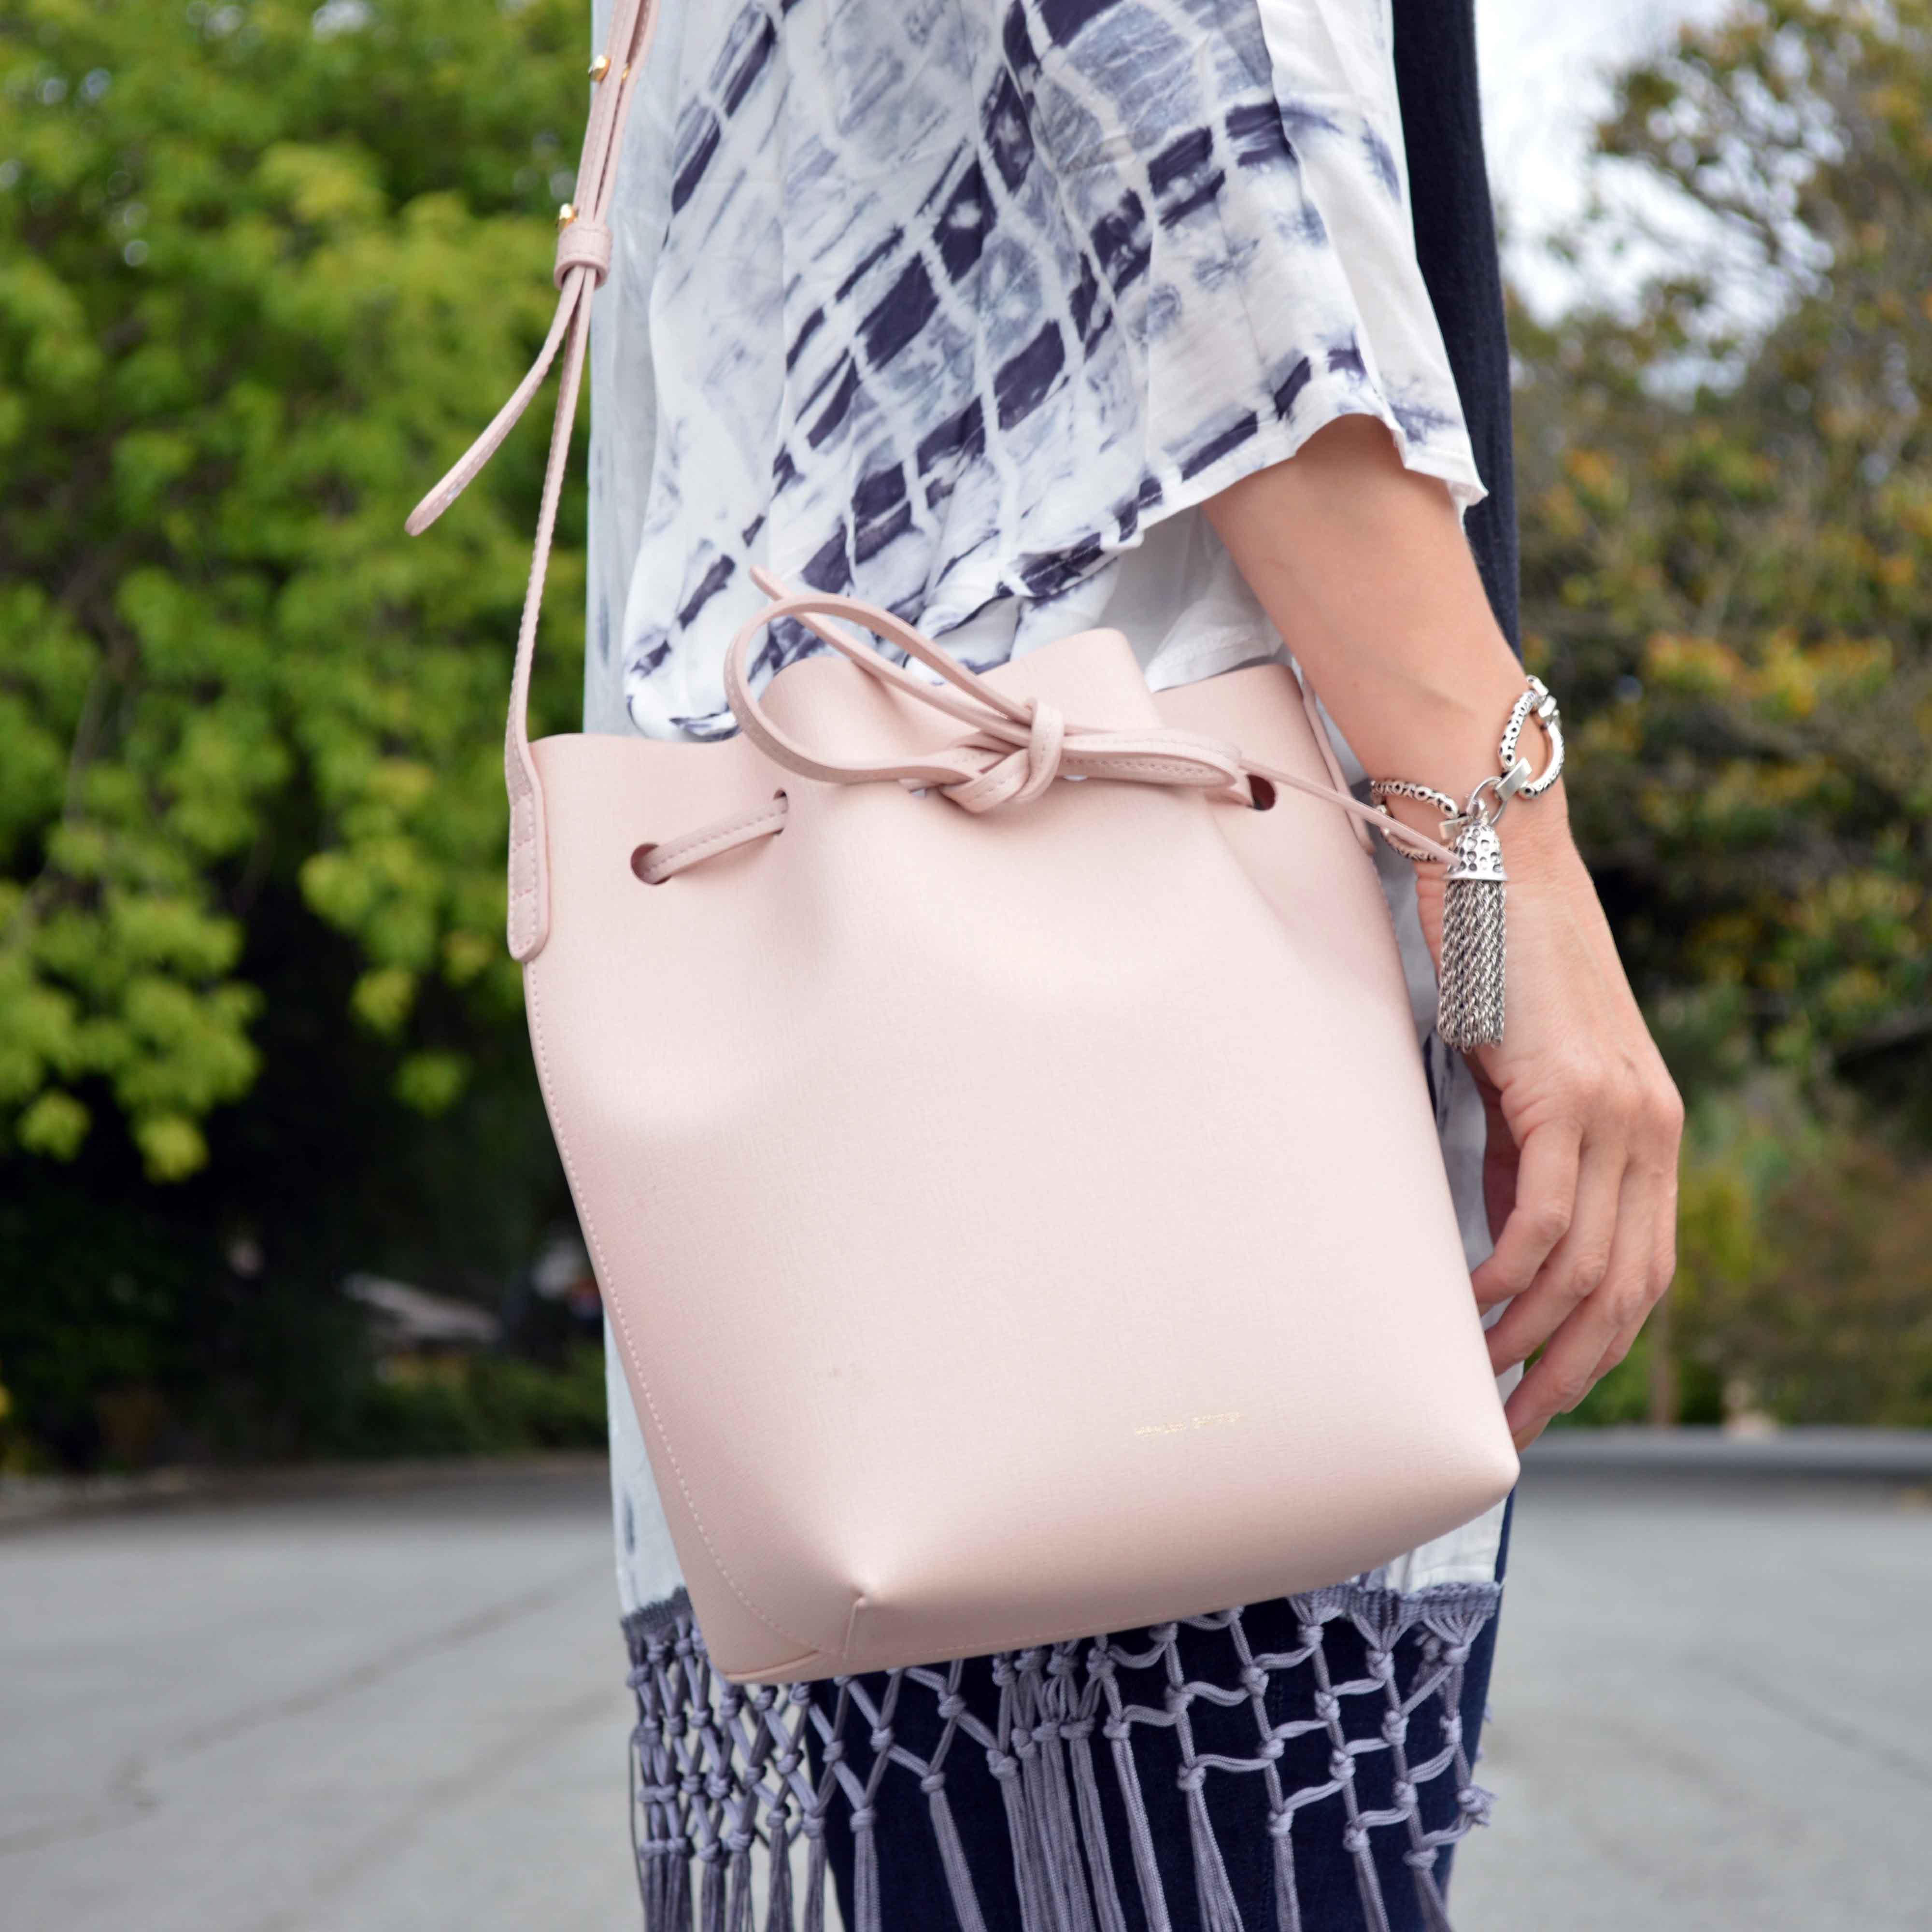 c65a7e5d8d86 mansur gavriel pink mini bucket bag – Bay Area Fashionista